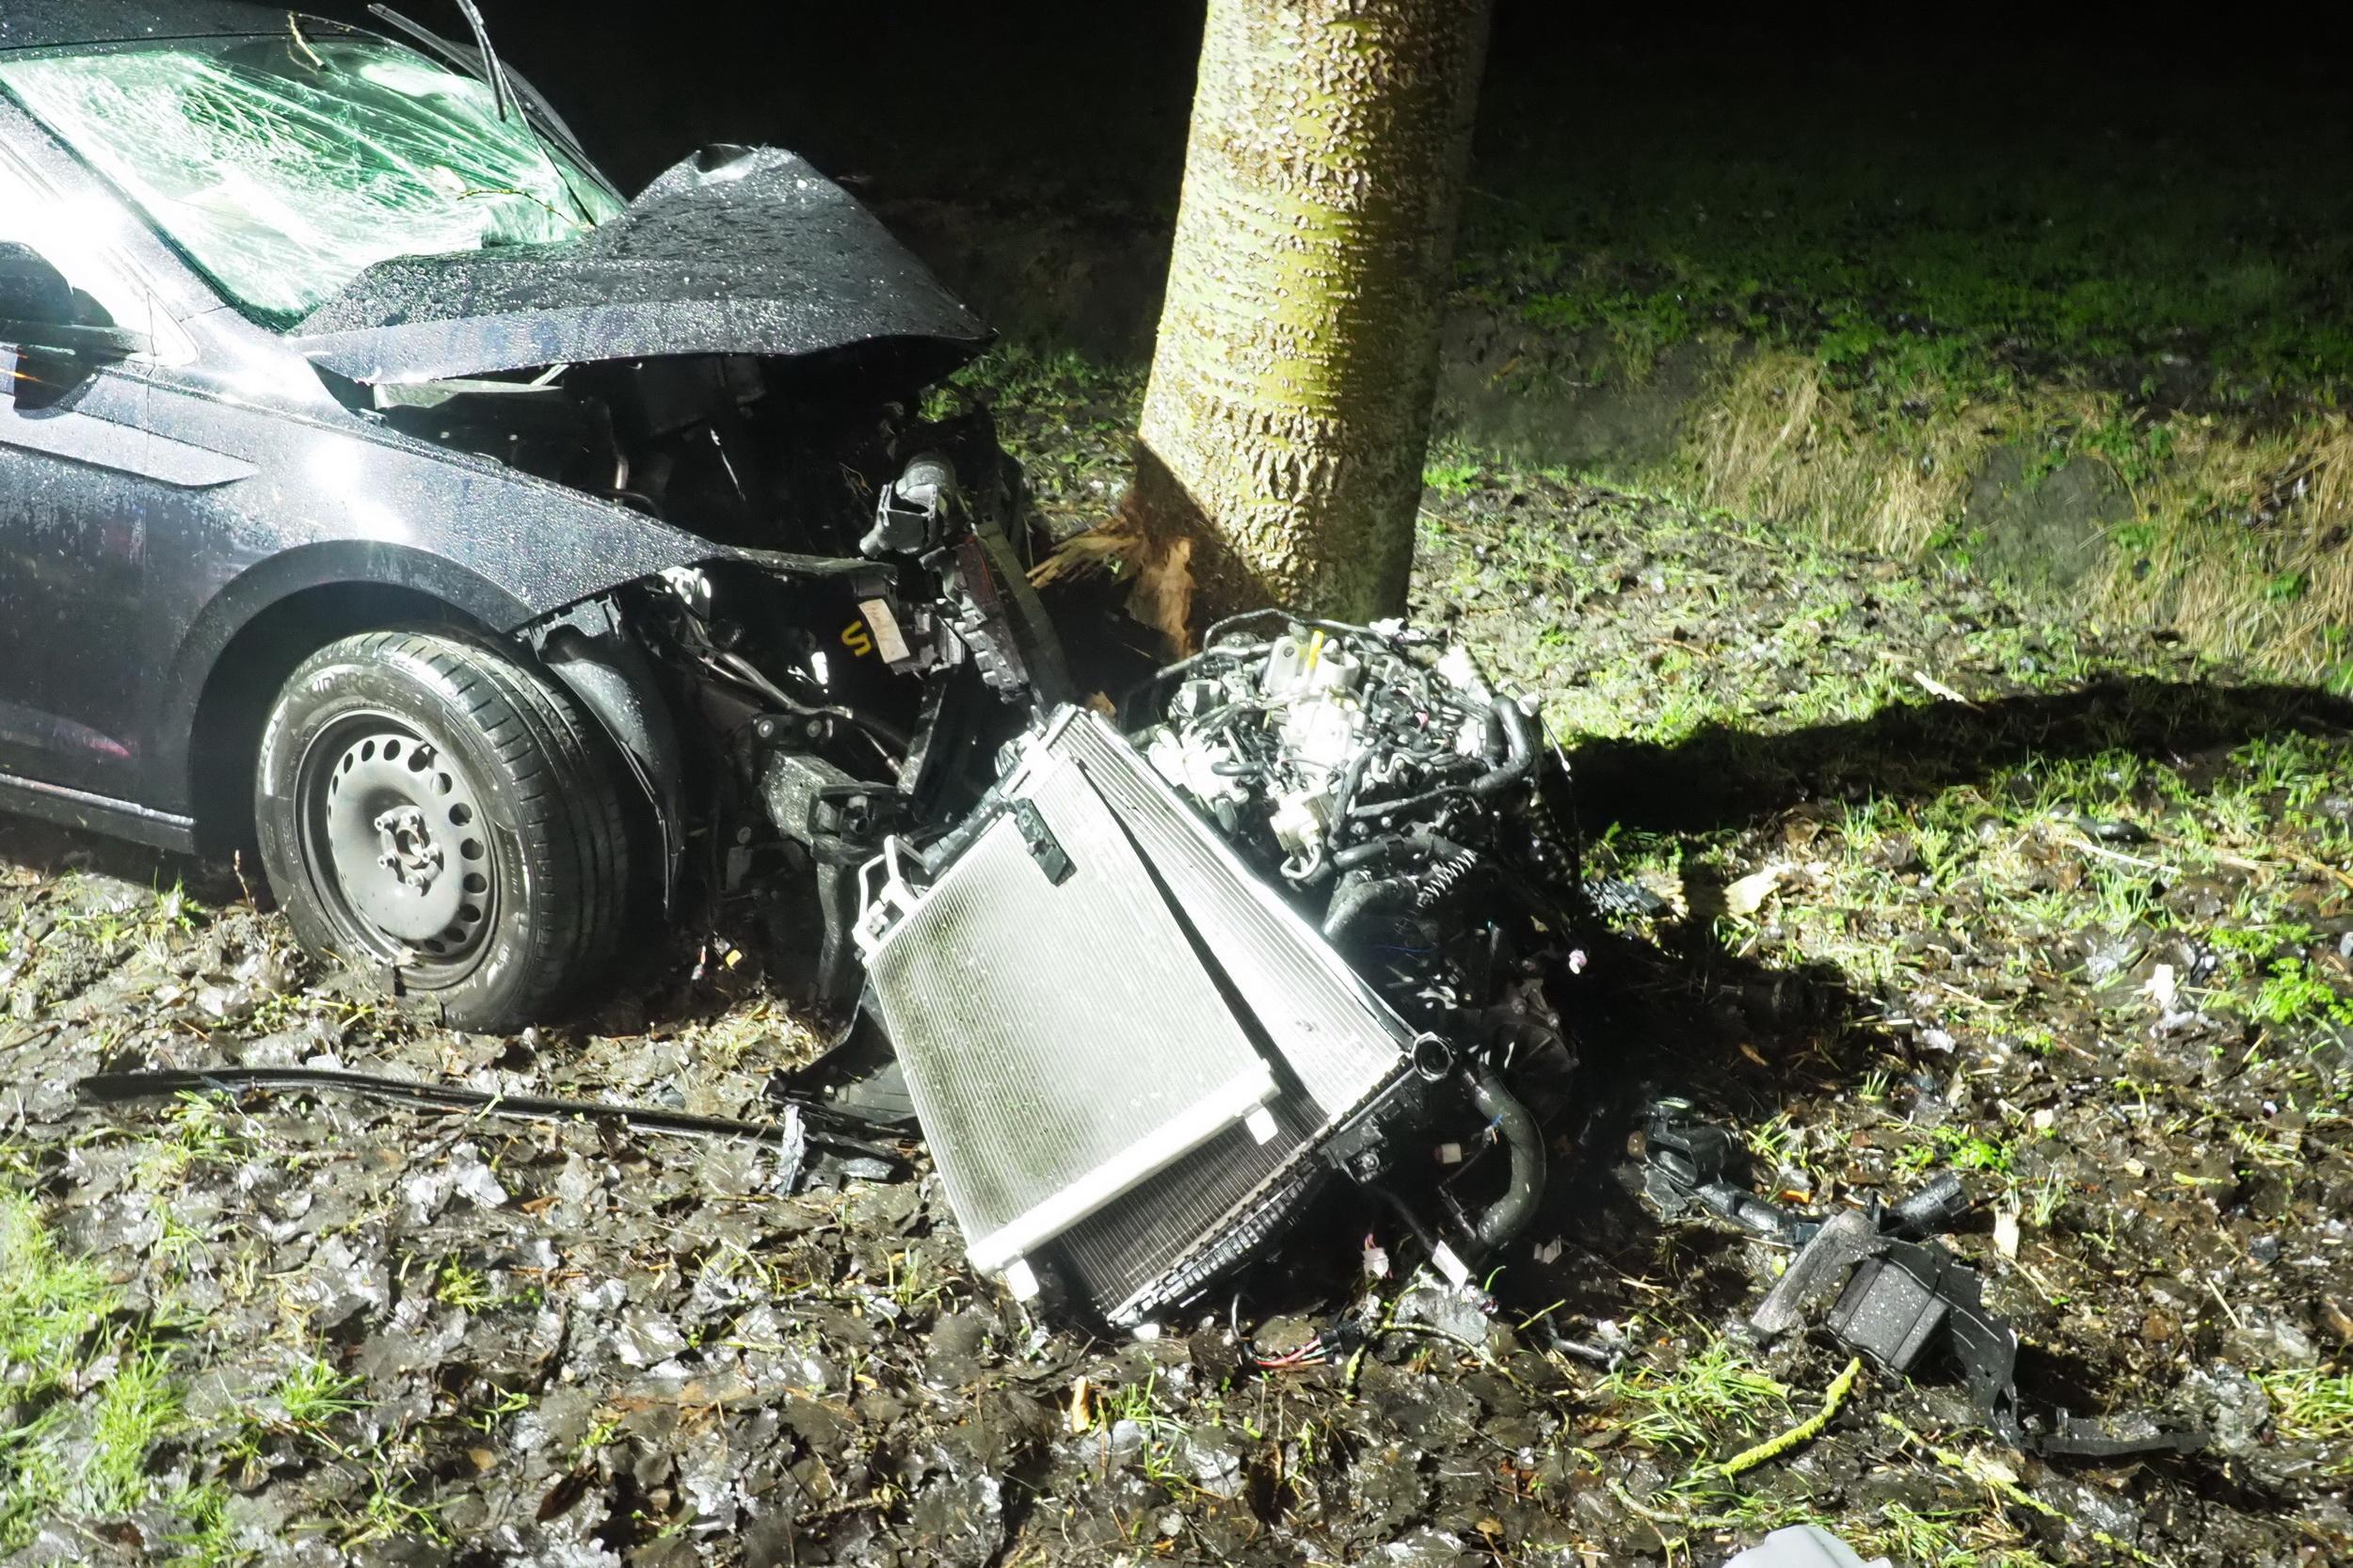 Motorblok uit auto bij botsing tegen boom in Velsen-Zuid